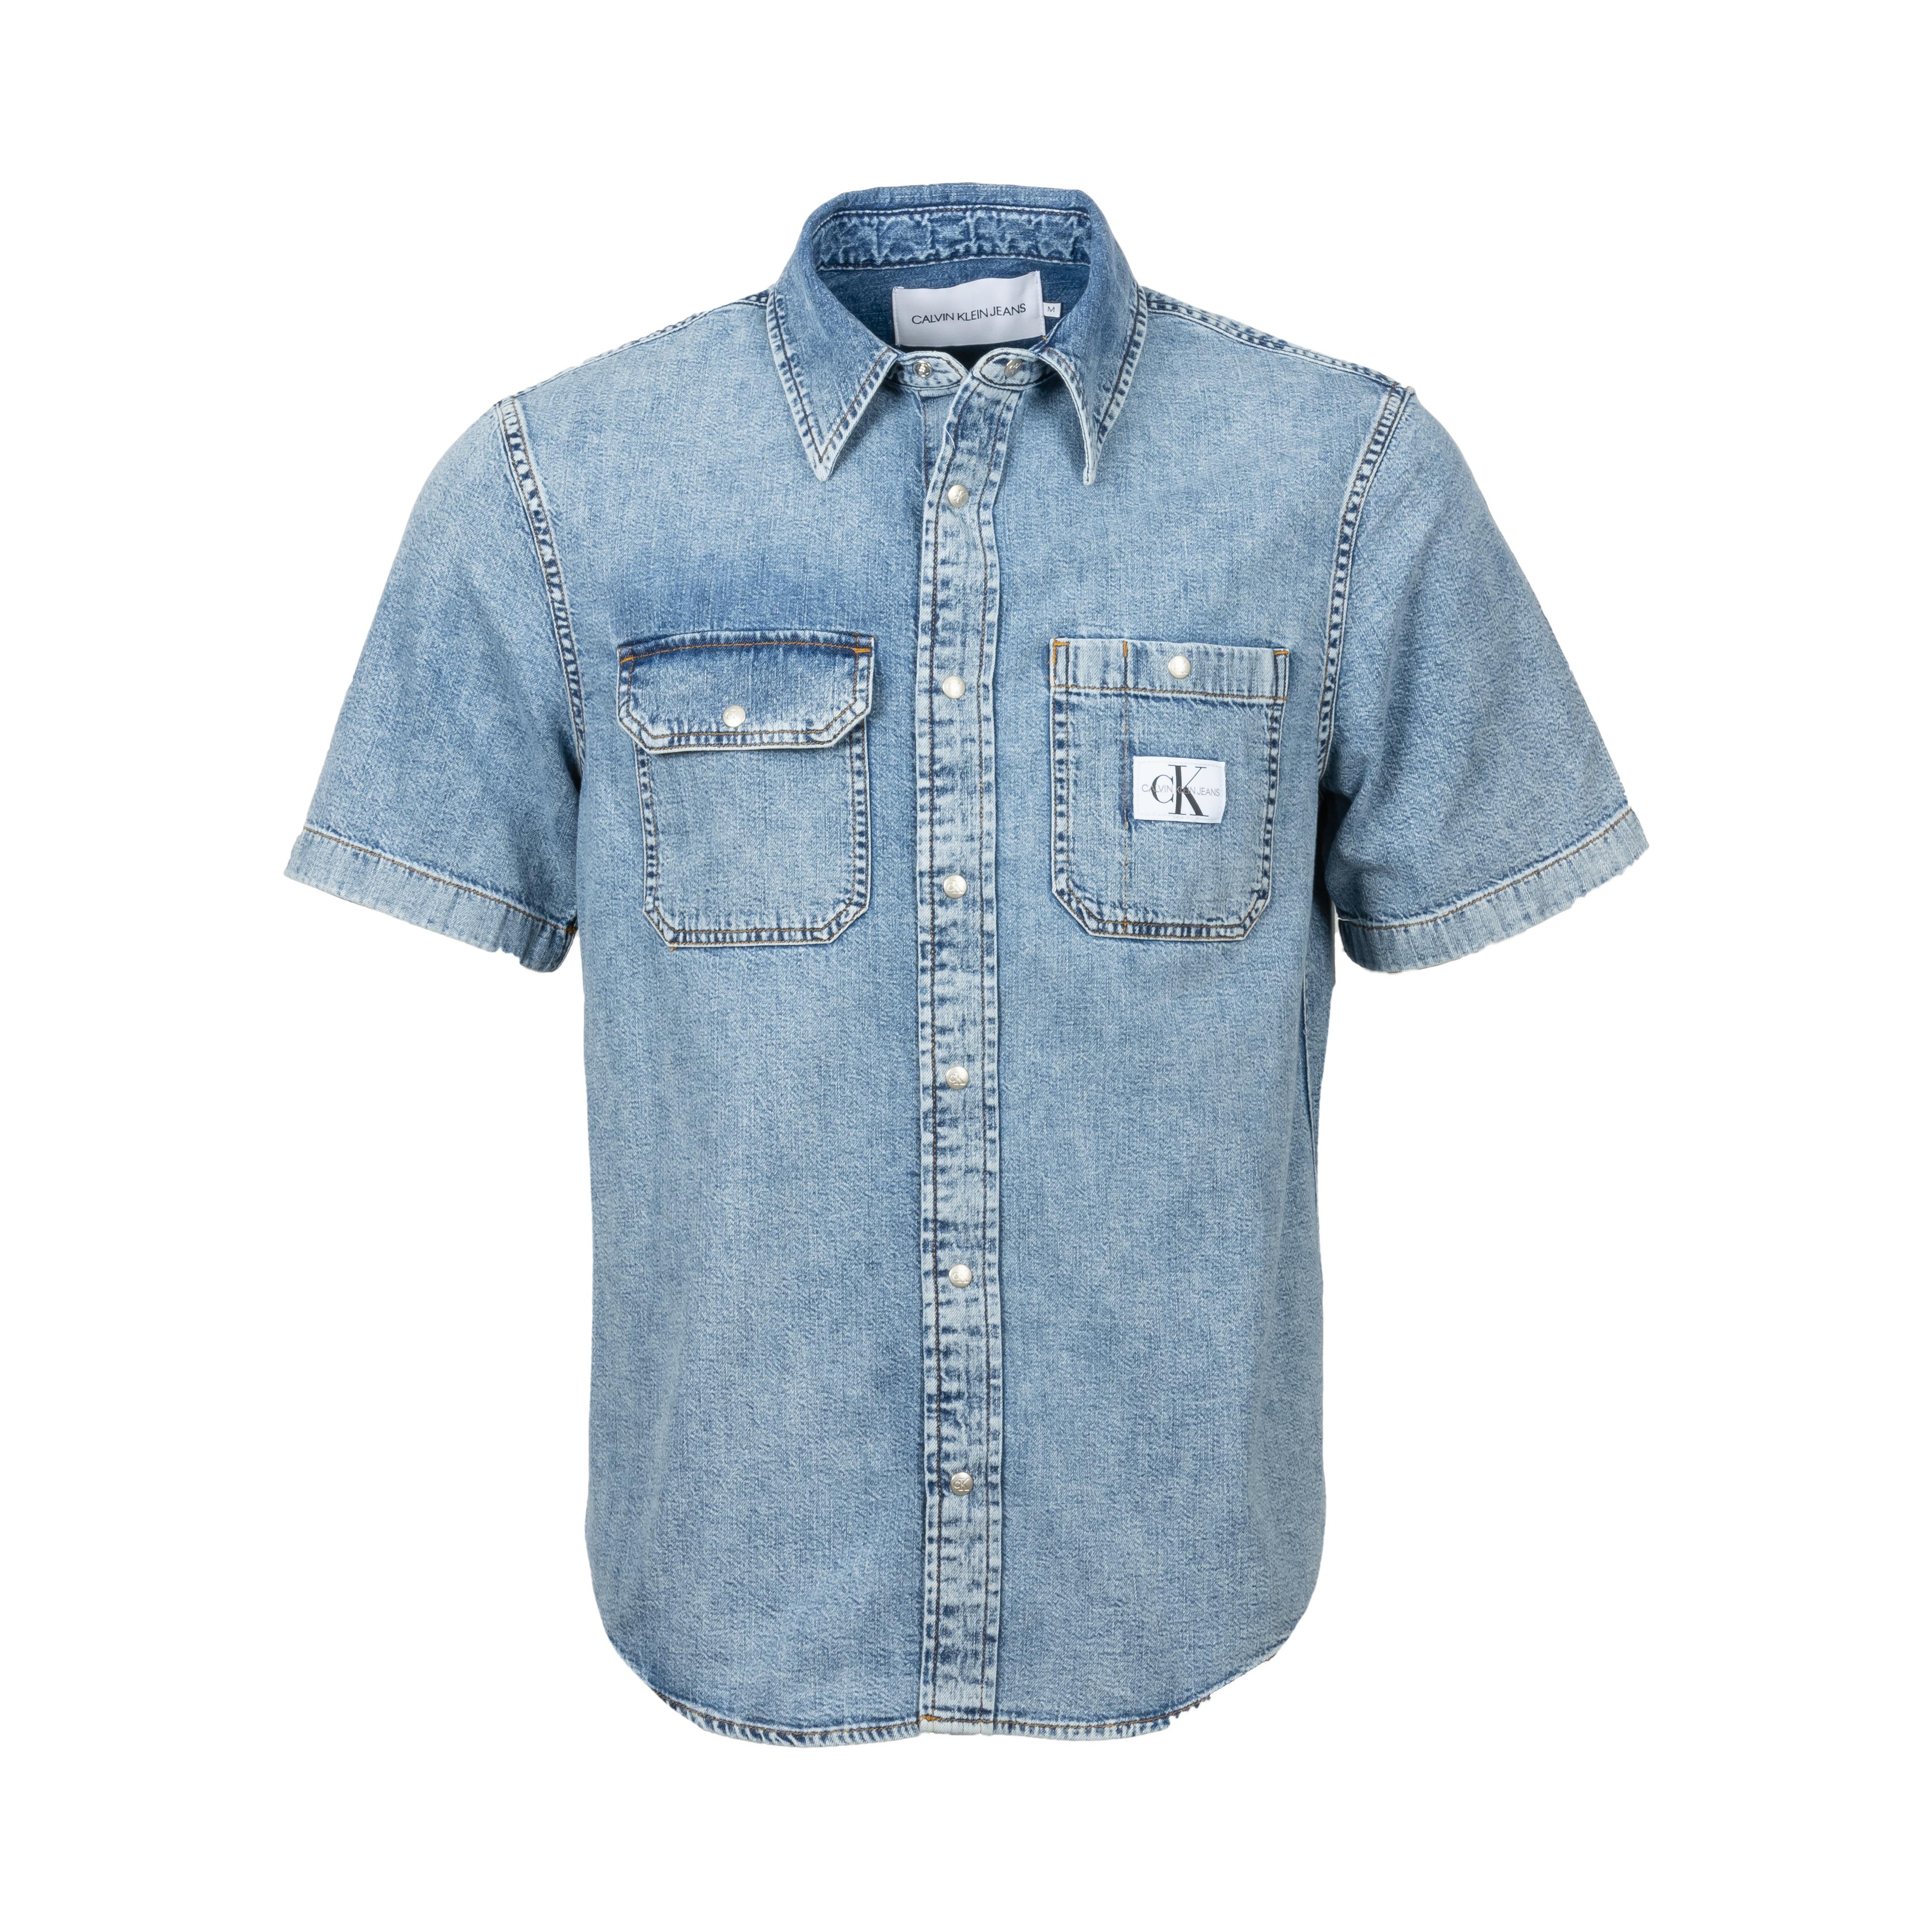 Chemise en jean manche courtes calvin klein en coton bleu denim